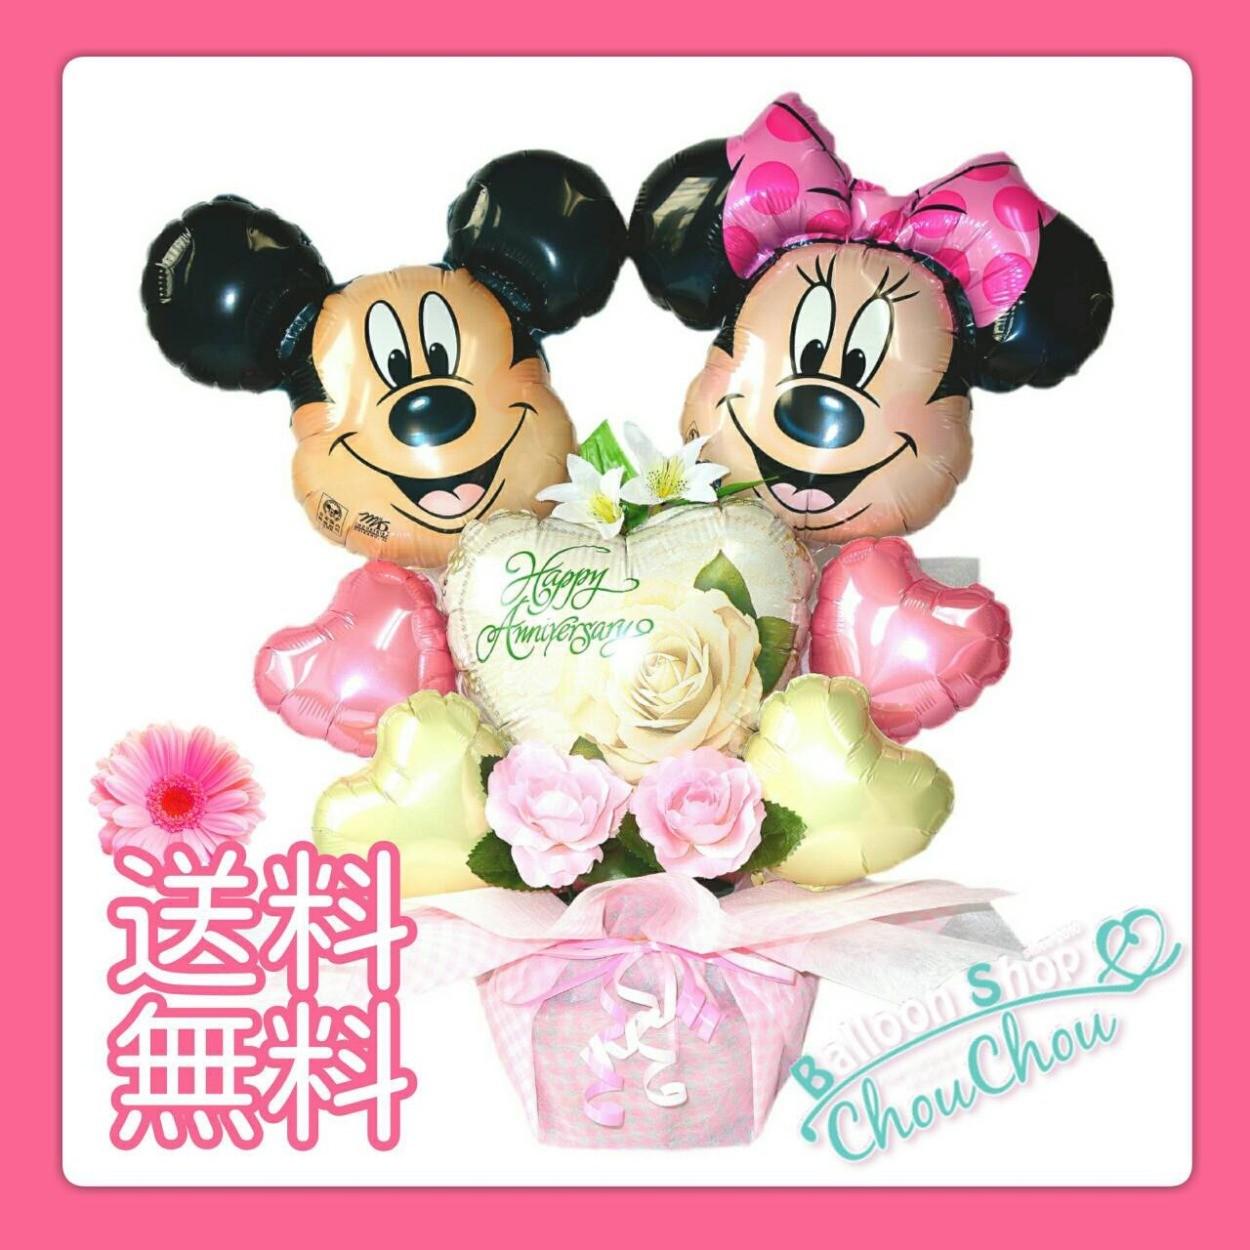 ミッキーミニーの入った結婚式用のとても可愛いバルーン電報